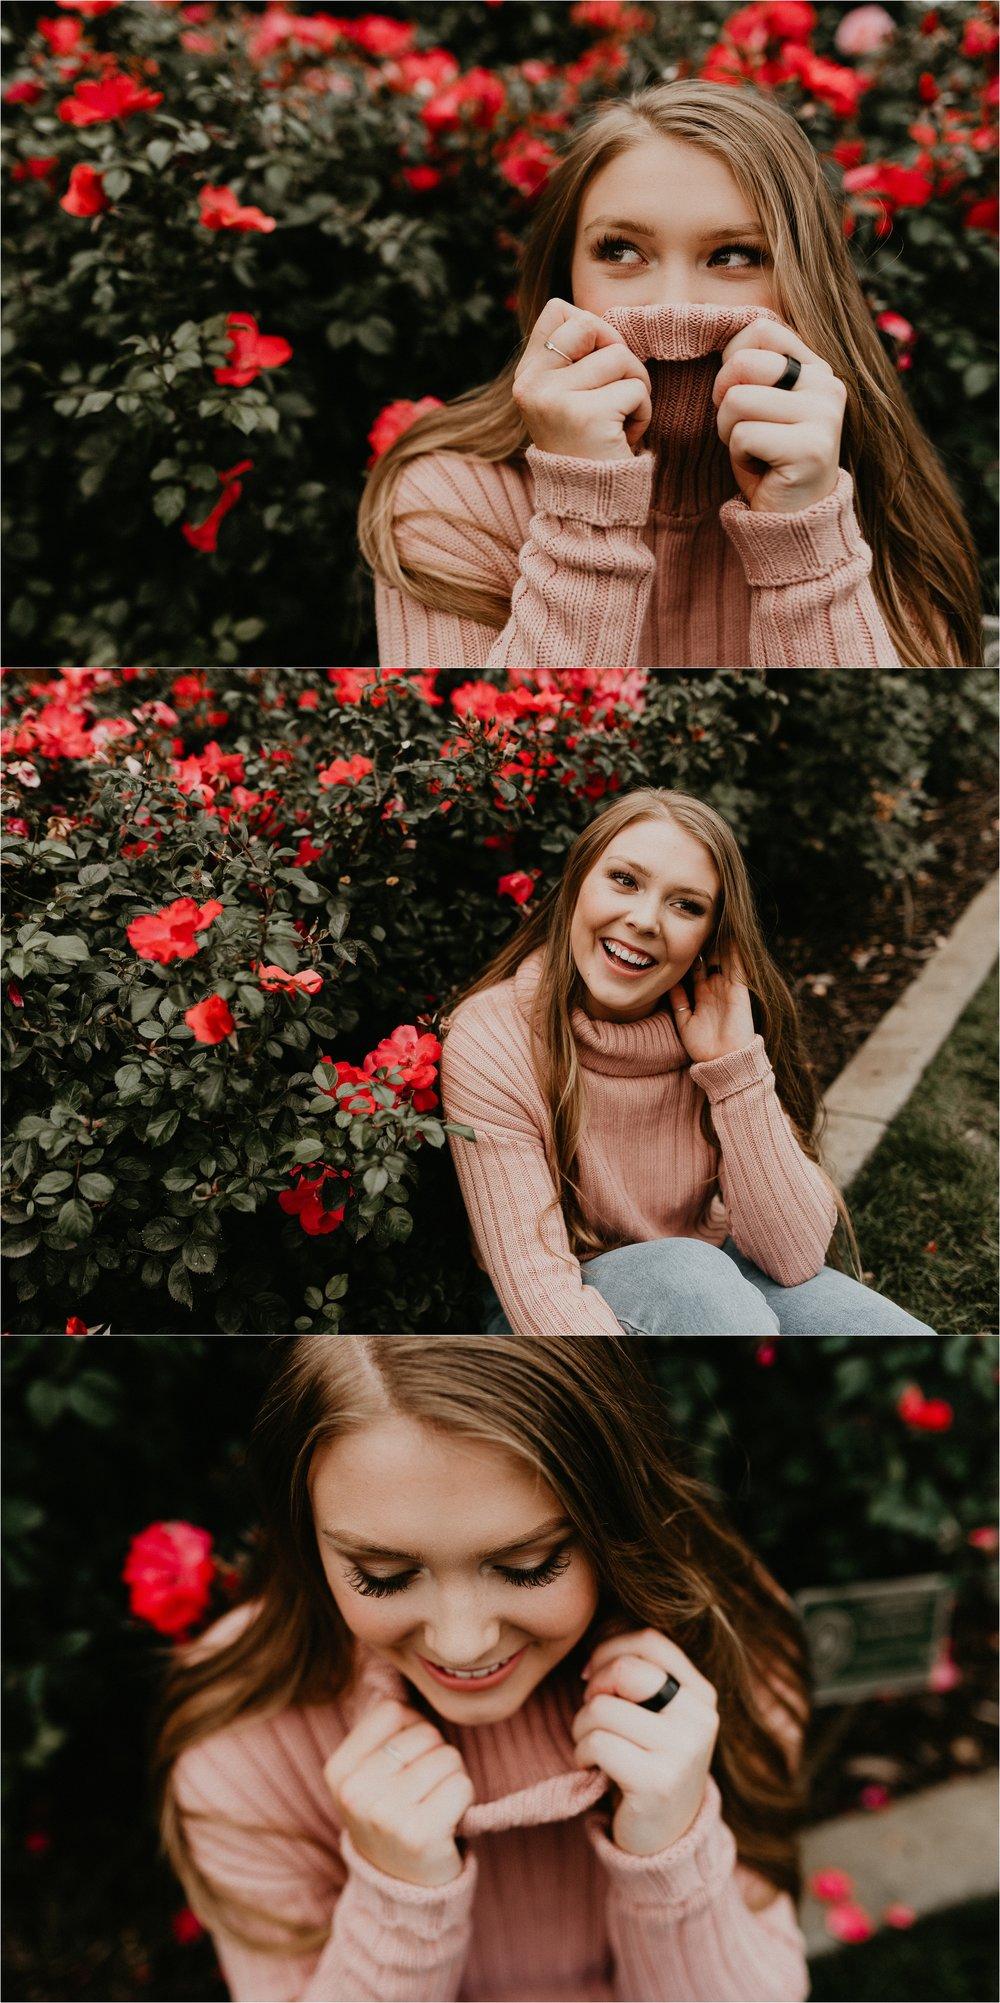 Boise Senior Photographer Makayla Madden Photography Downtown Boise Rose Garden Capital High Senior Flowers Senior Pictures